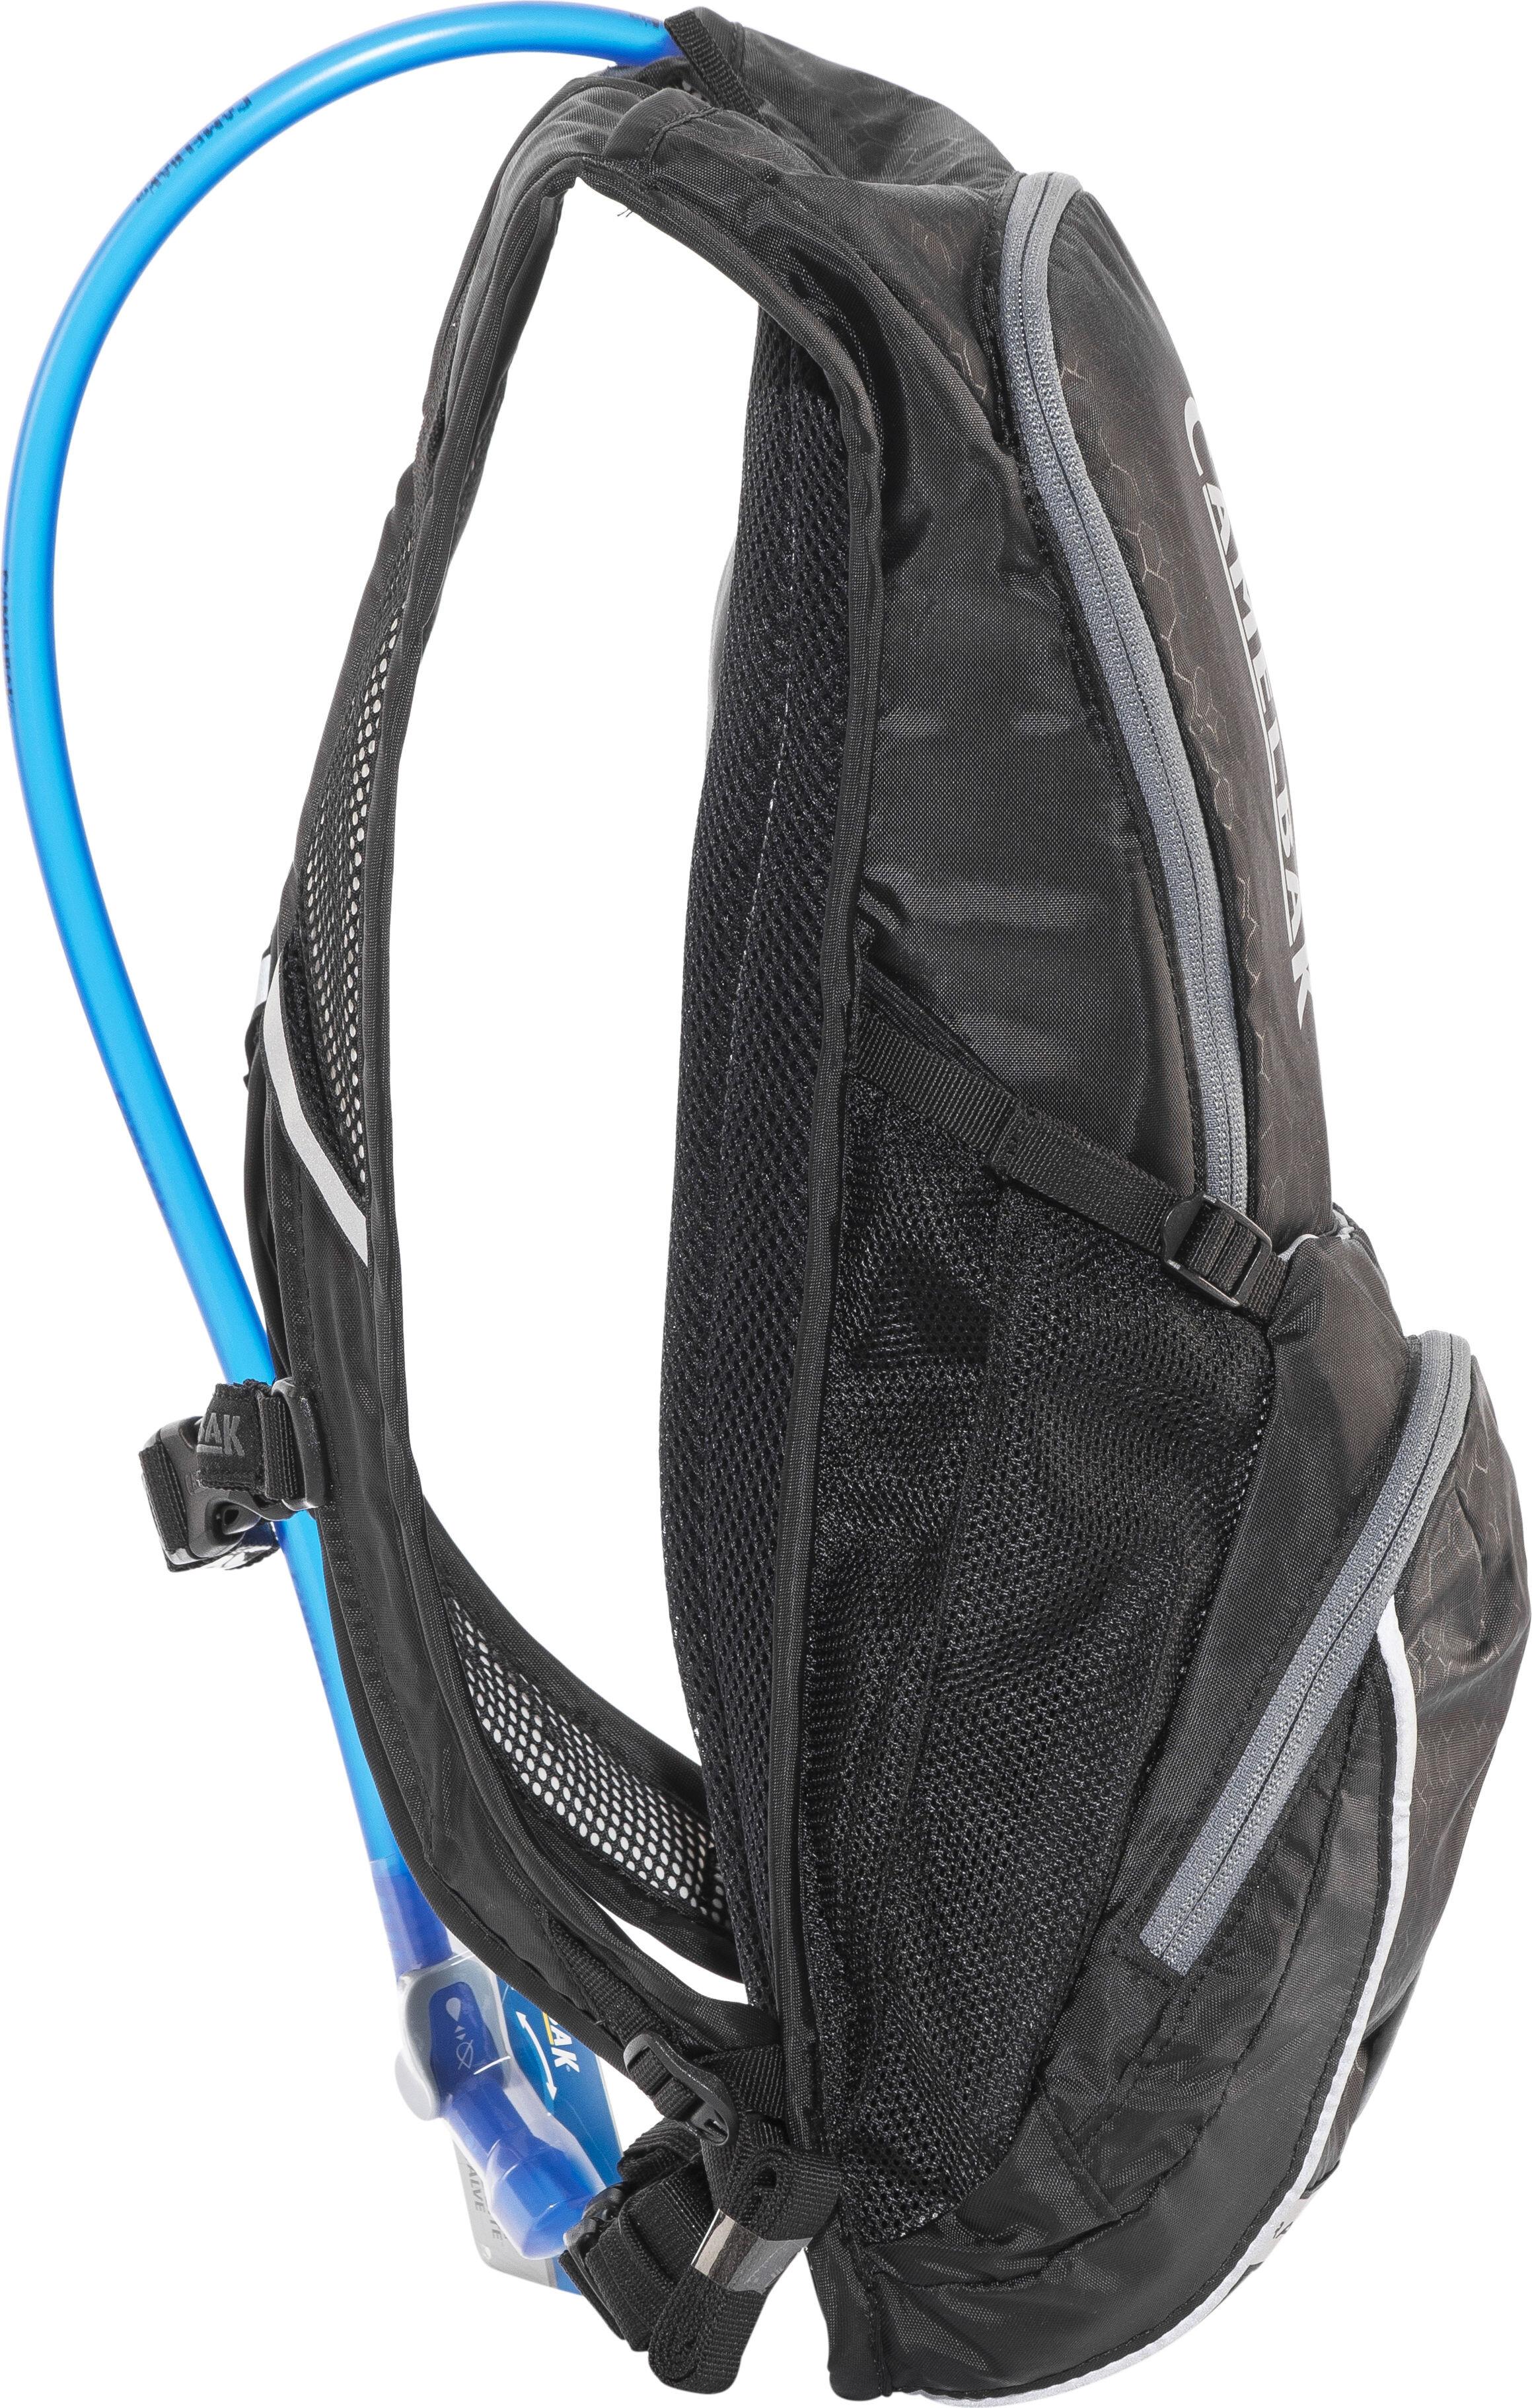 72db97c32c9 CamelBak Ratchet Backpack black at Bikester.co.uk